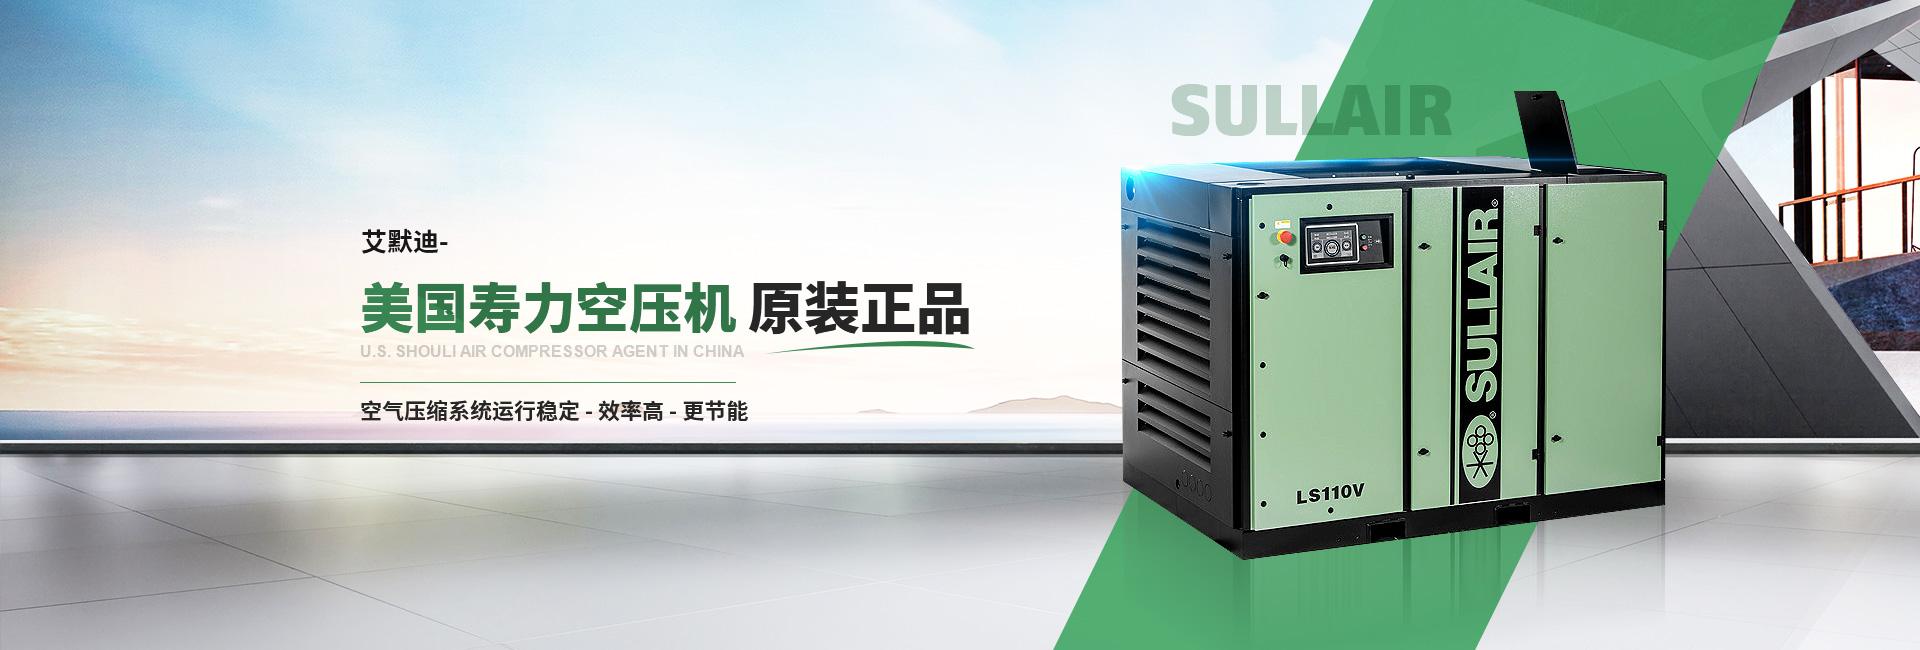 艾默迪-美国寿力空压机中国区代理商 原装正品  空气压缩系统运行稳定 效率高 更节能